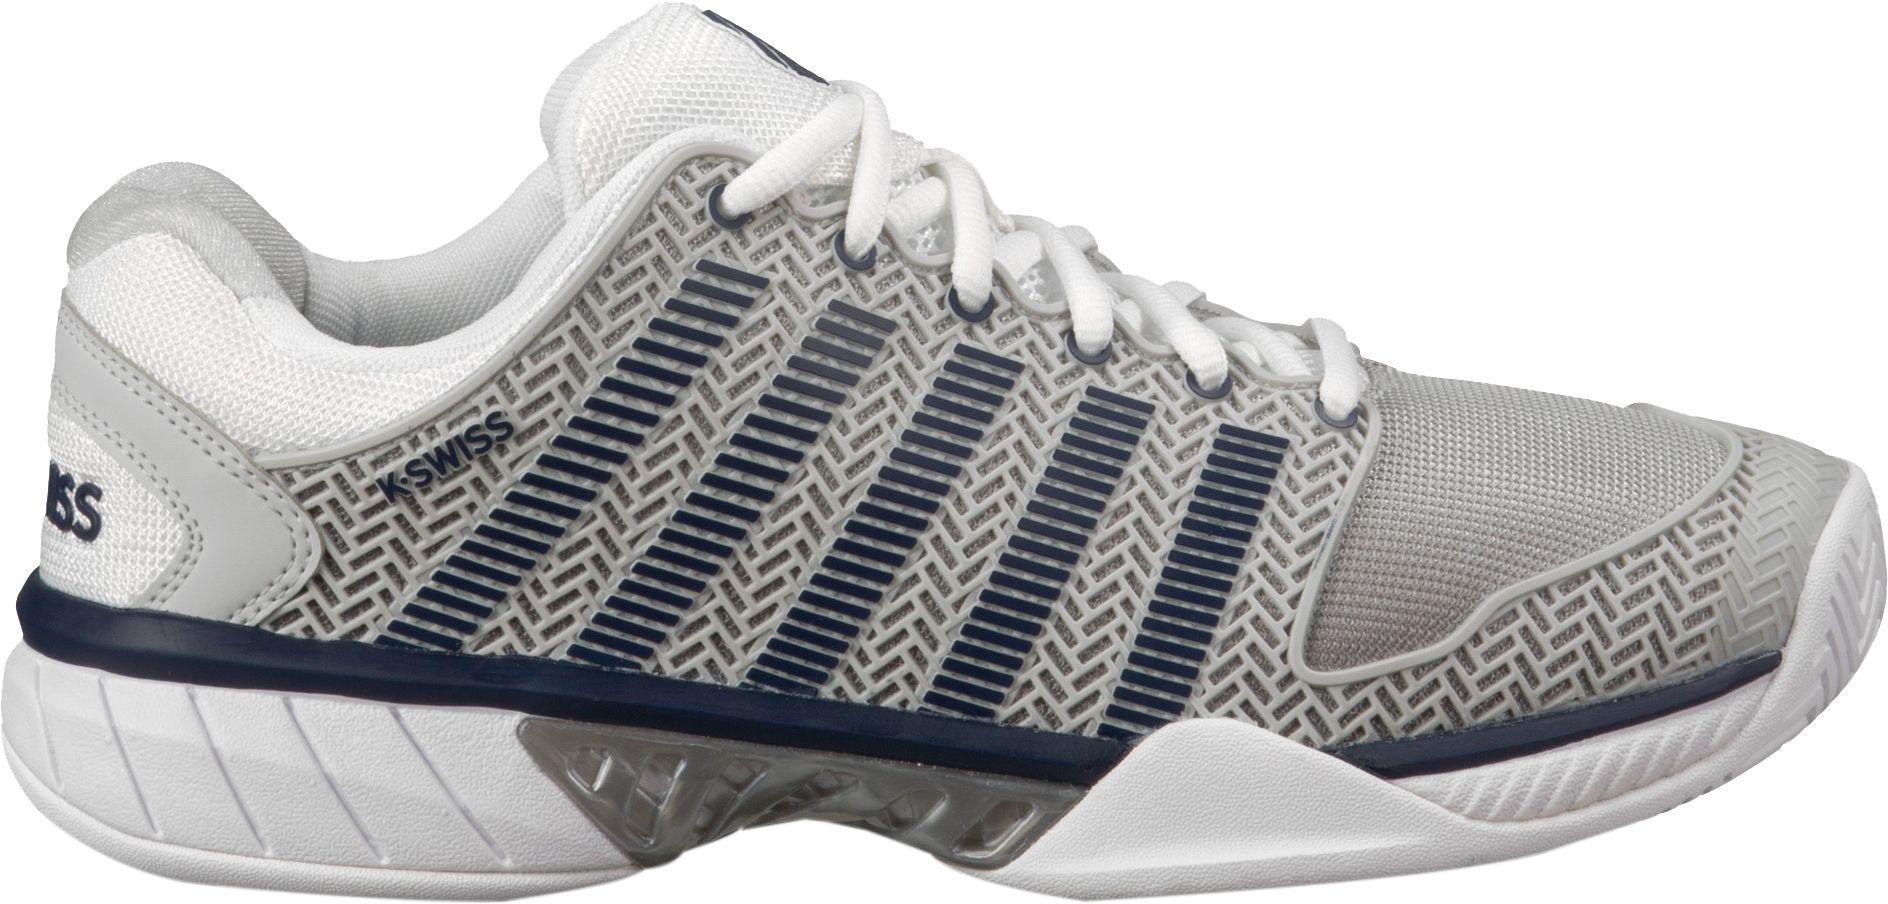 70af2f572d K Swiss Mens Hypercourt Express Tennis Shoes DICKS Sporting Goods ...